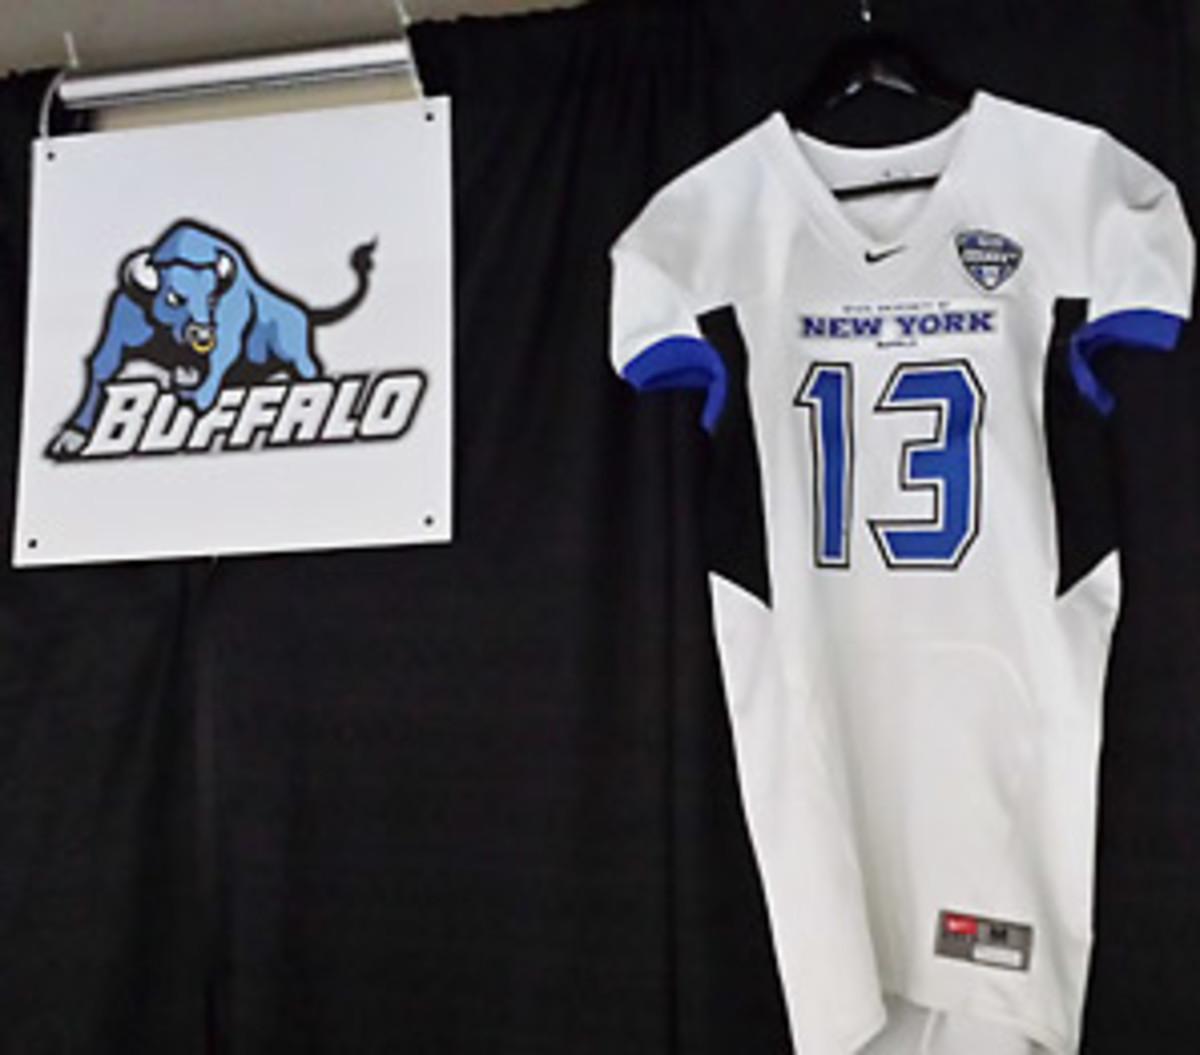 Buffalo jersey